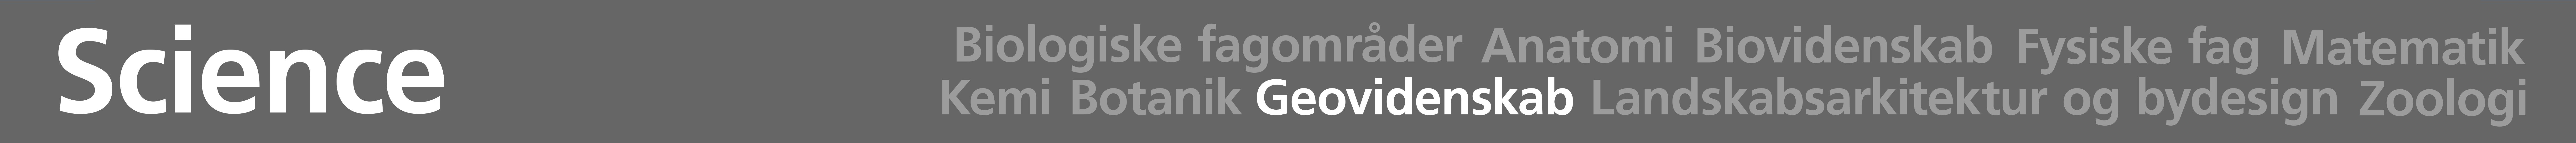 Geovidenskab